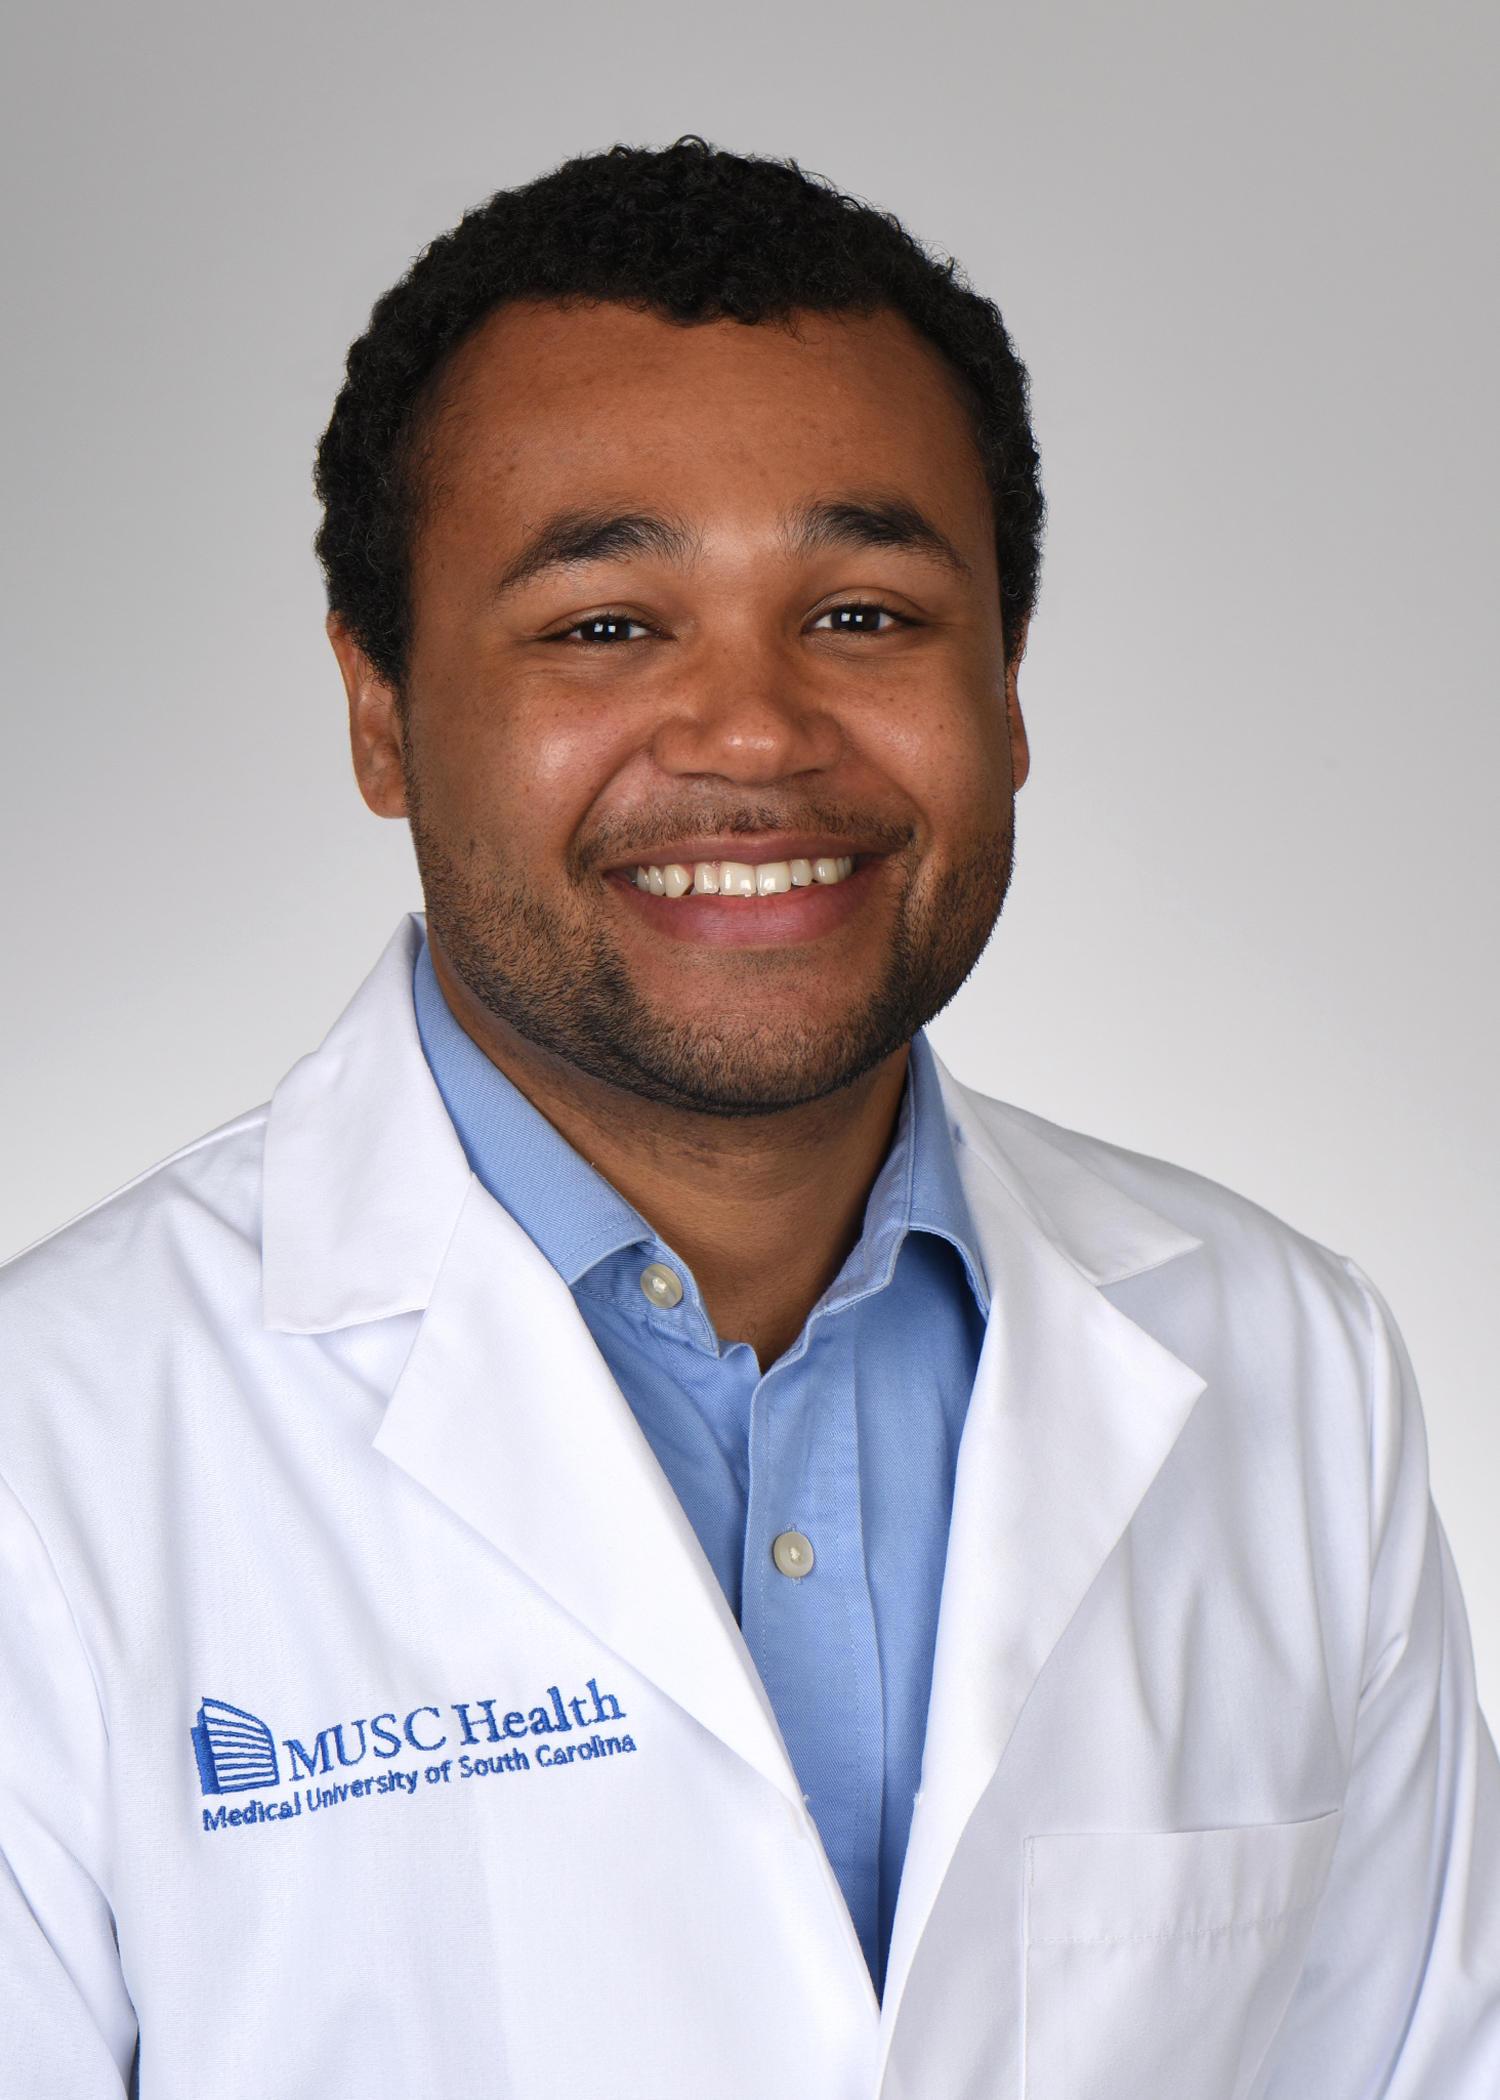 Nicholas Shungu, MD